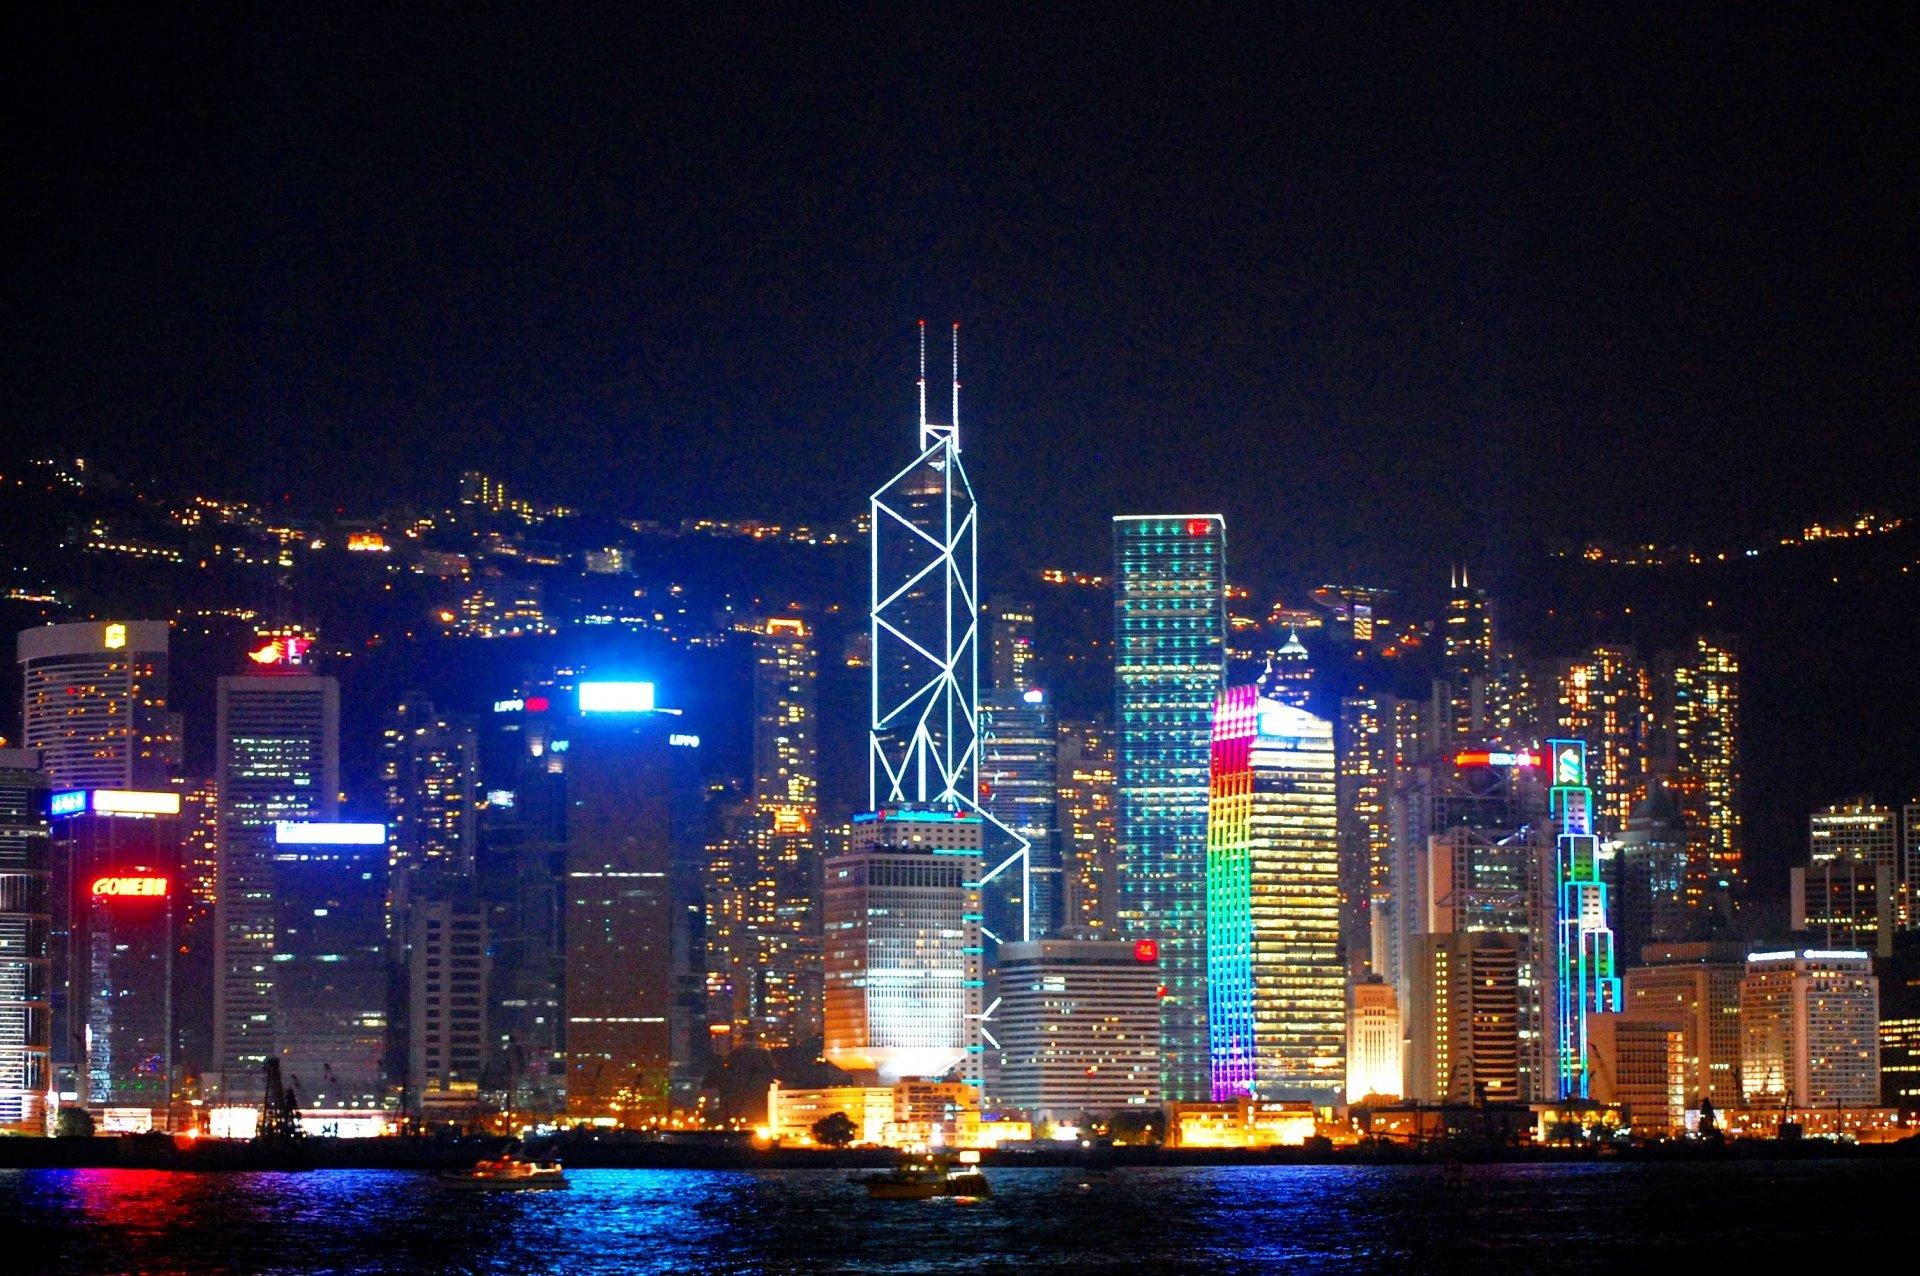 """Hồng Kông là nơi tập trung đông đảo thương nhân giàu có và minh tinh màn bạc, vì thế Chính hiệp trở thành Mặt trận thống nhất của phái Giang nhiều năm qua, là """"công cụ chính trị"""" để lợi dụng và mua bán, vô số gian thương vì muốn có thêm địa vị chính trị đã không tiếc tiền của mua """"hàm tước"""" Chính hiệp."""